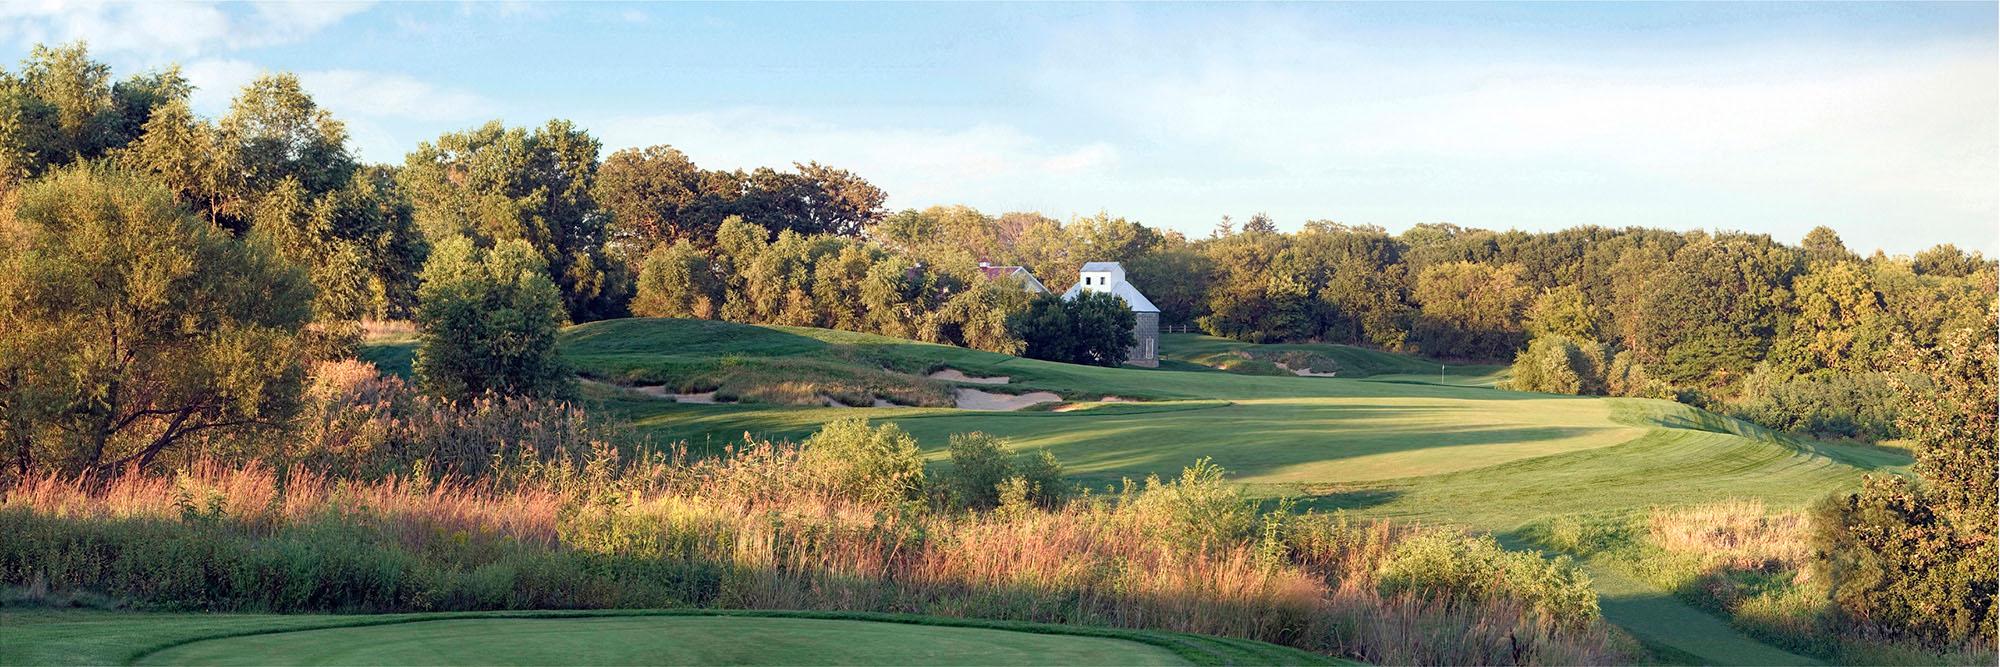 Golf Course Image - Arbor Links No. 18